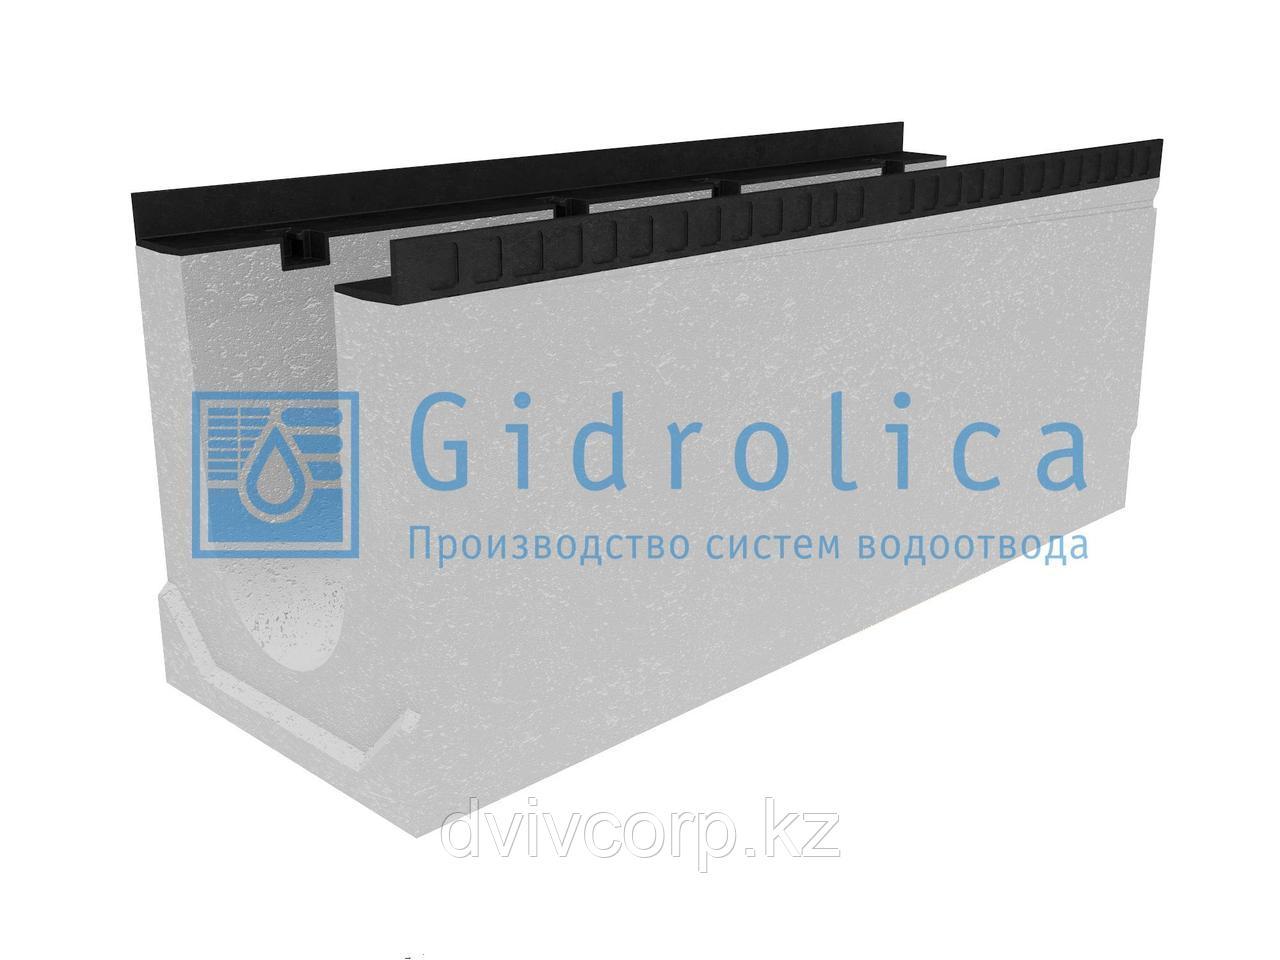 Лоток водоотводный бетонный коробчатый (СО-200мм), с уклоном 0,5%  КUу 100.34(20).41(34) - BGМ, № 20